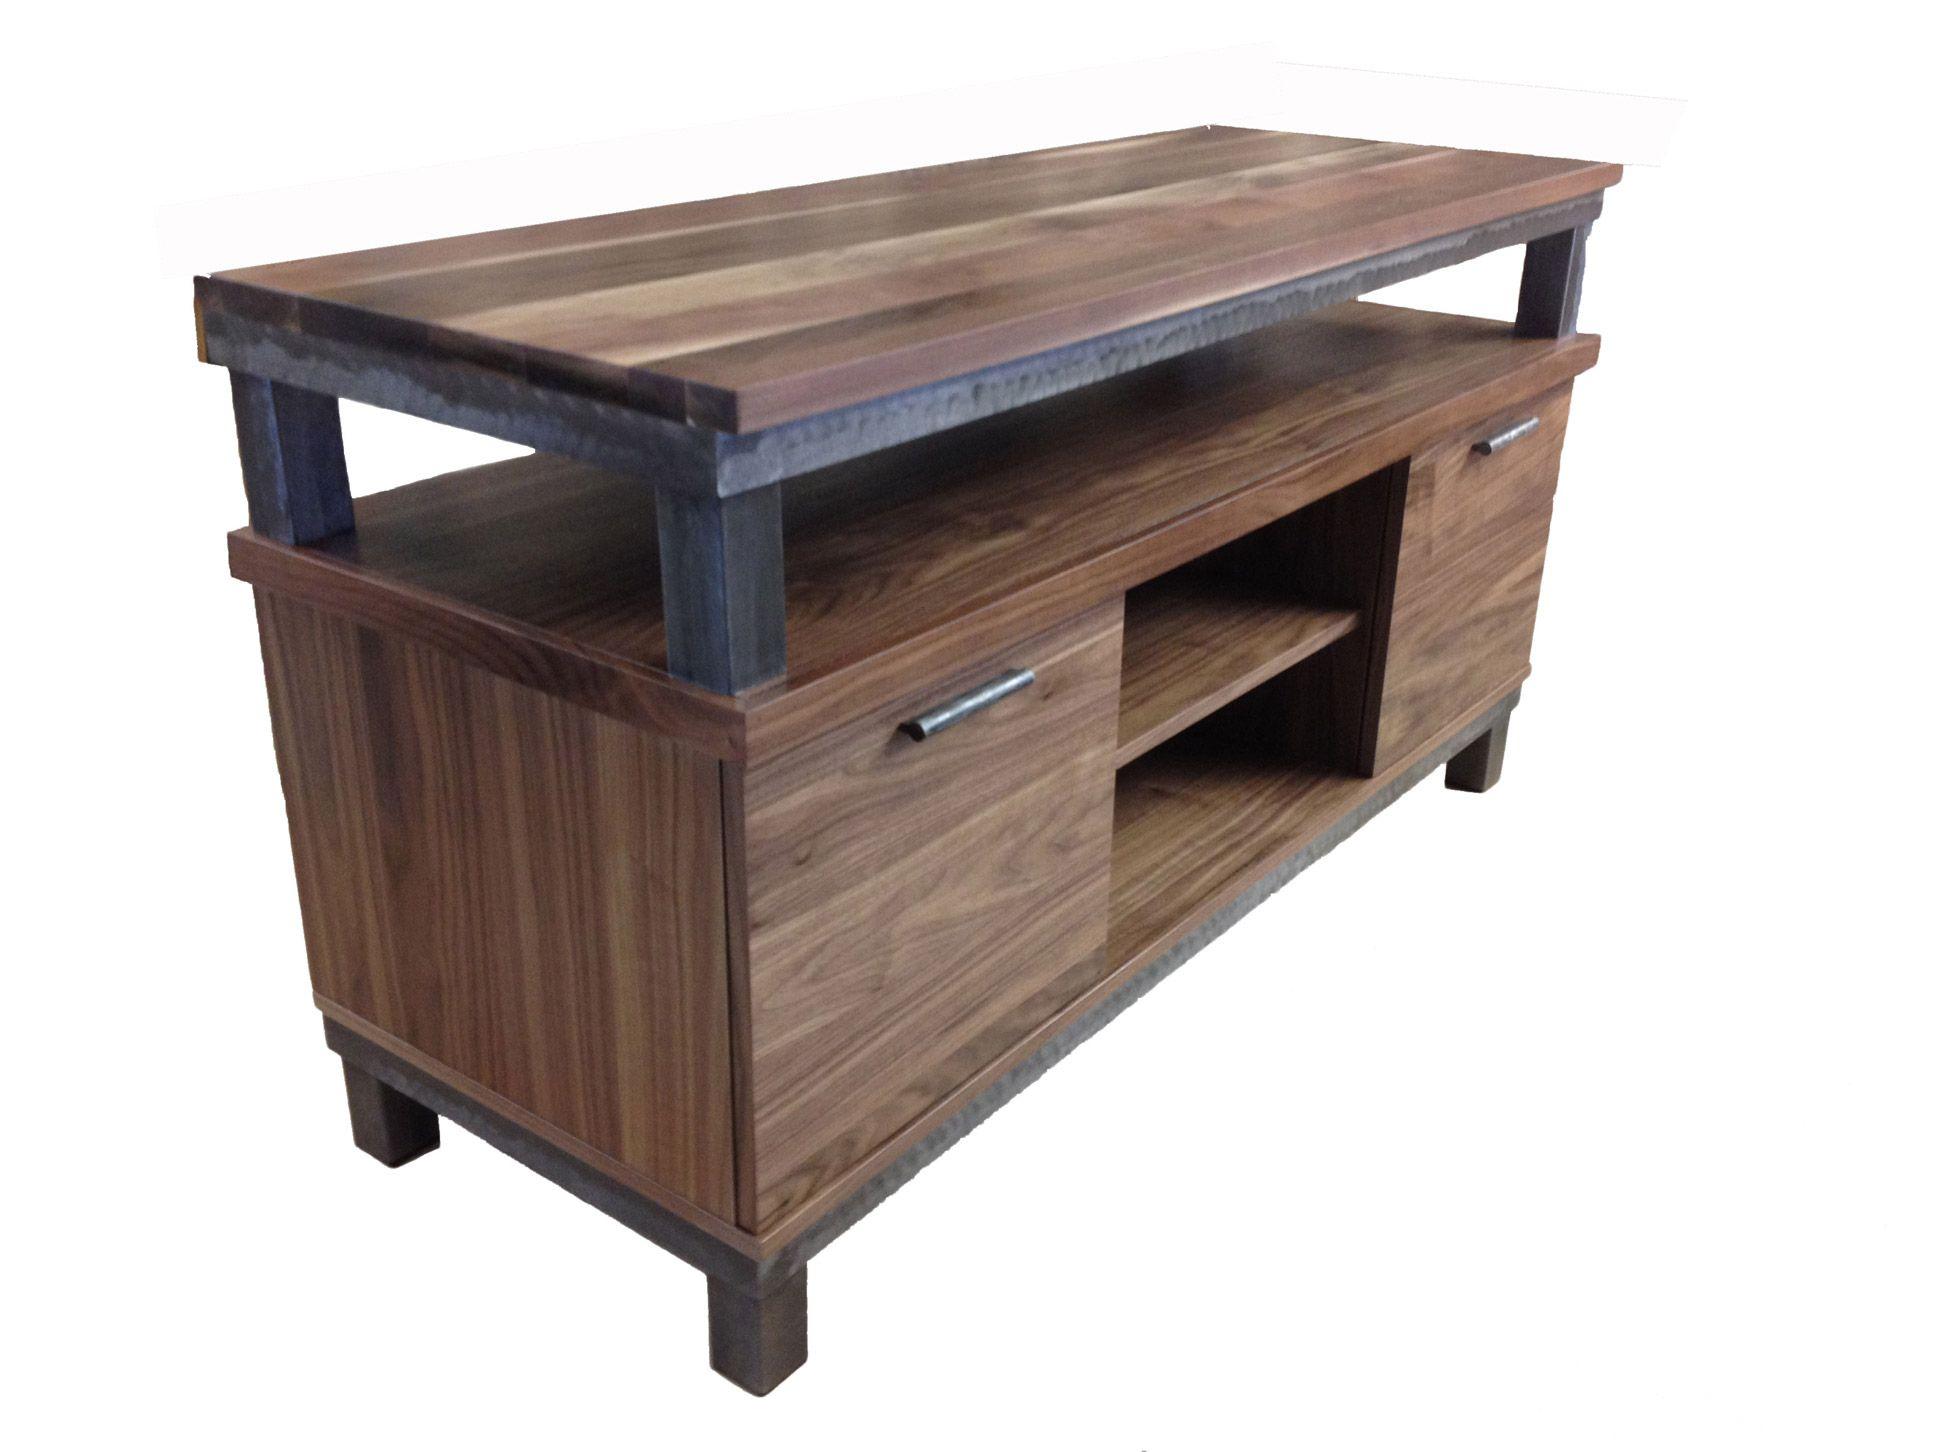 Meuble Tv En Noyer Table Living Room Acier Steel Meuble  # Meuble Tv En Noyer